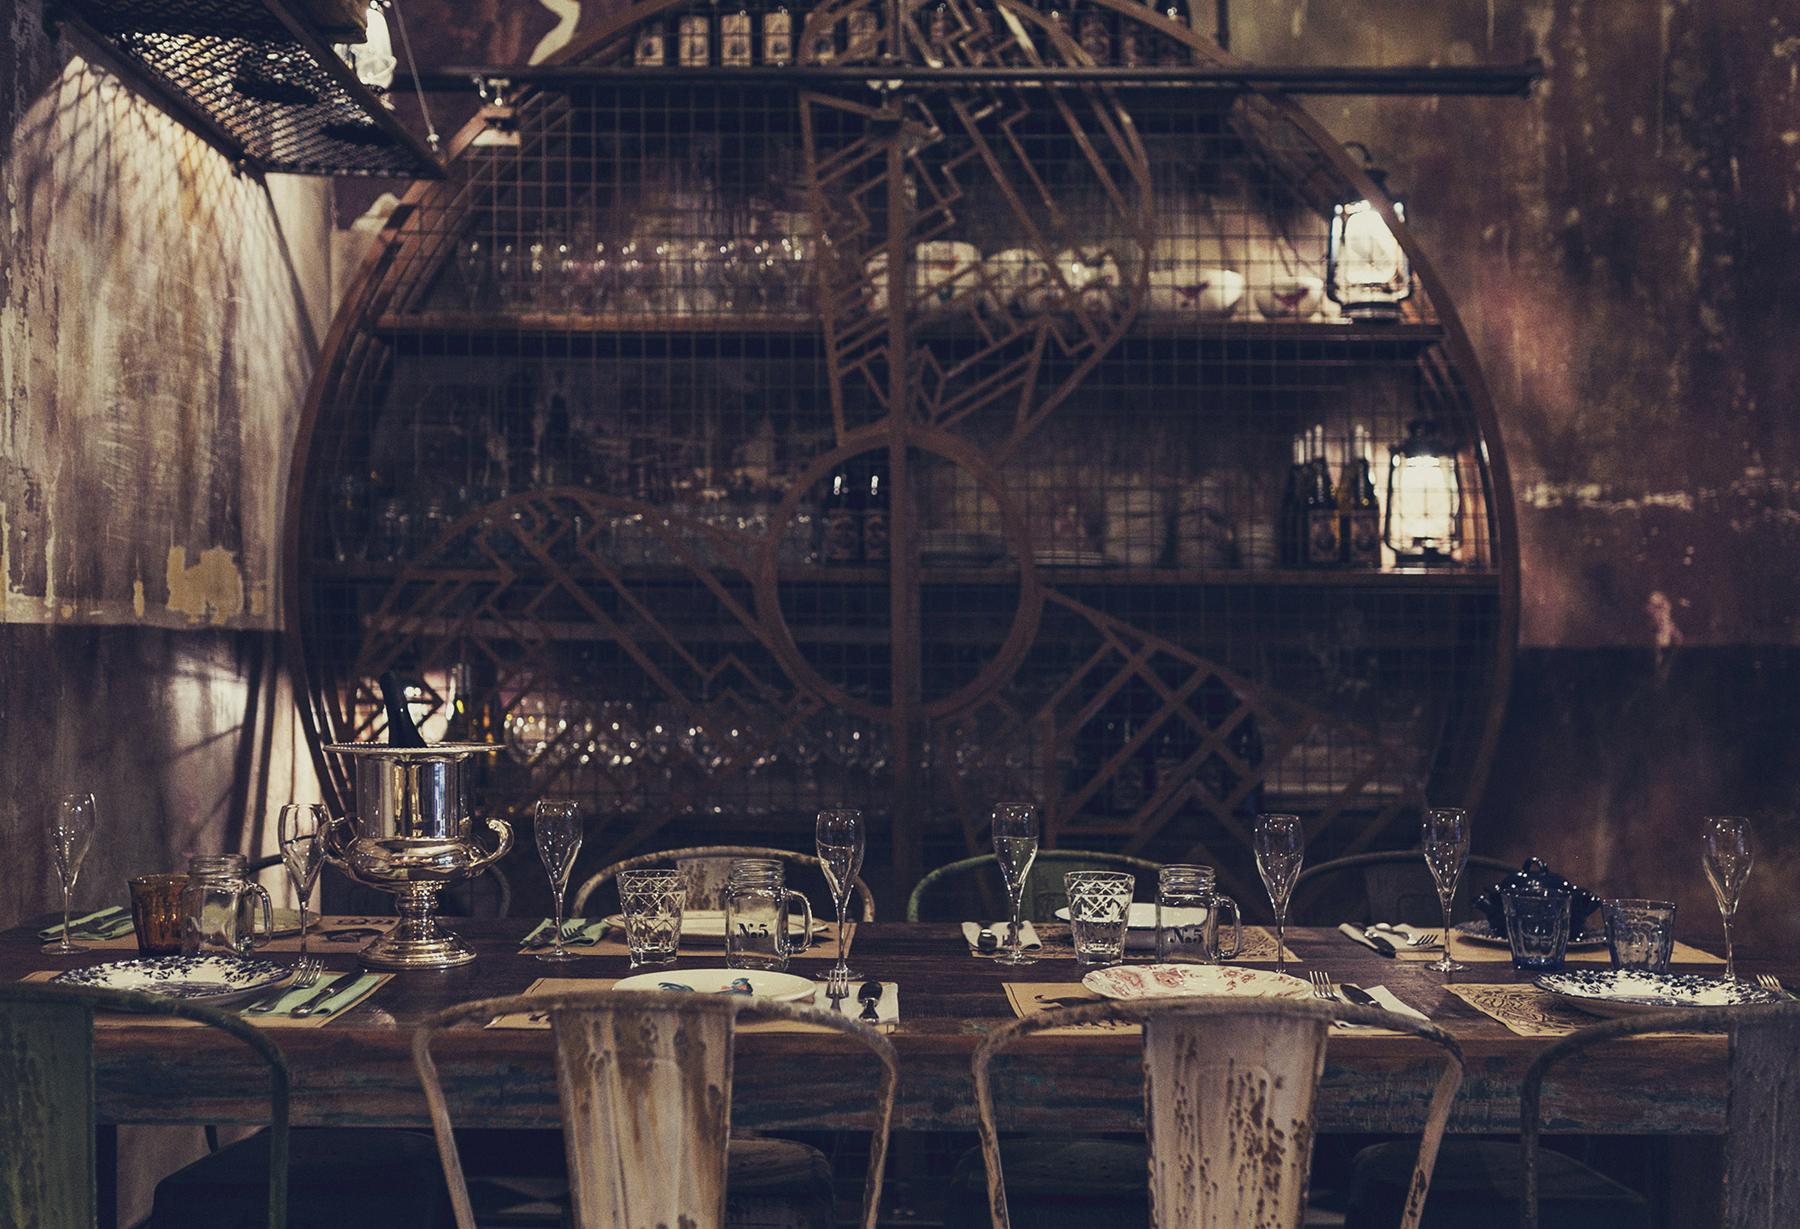 Imagenes de los Proyectos de interiorismo de estilo decadente.